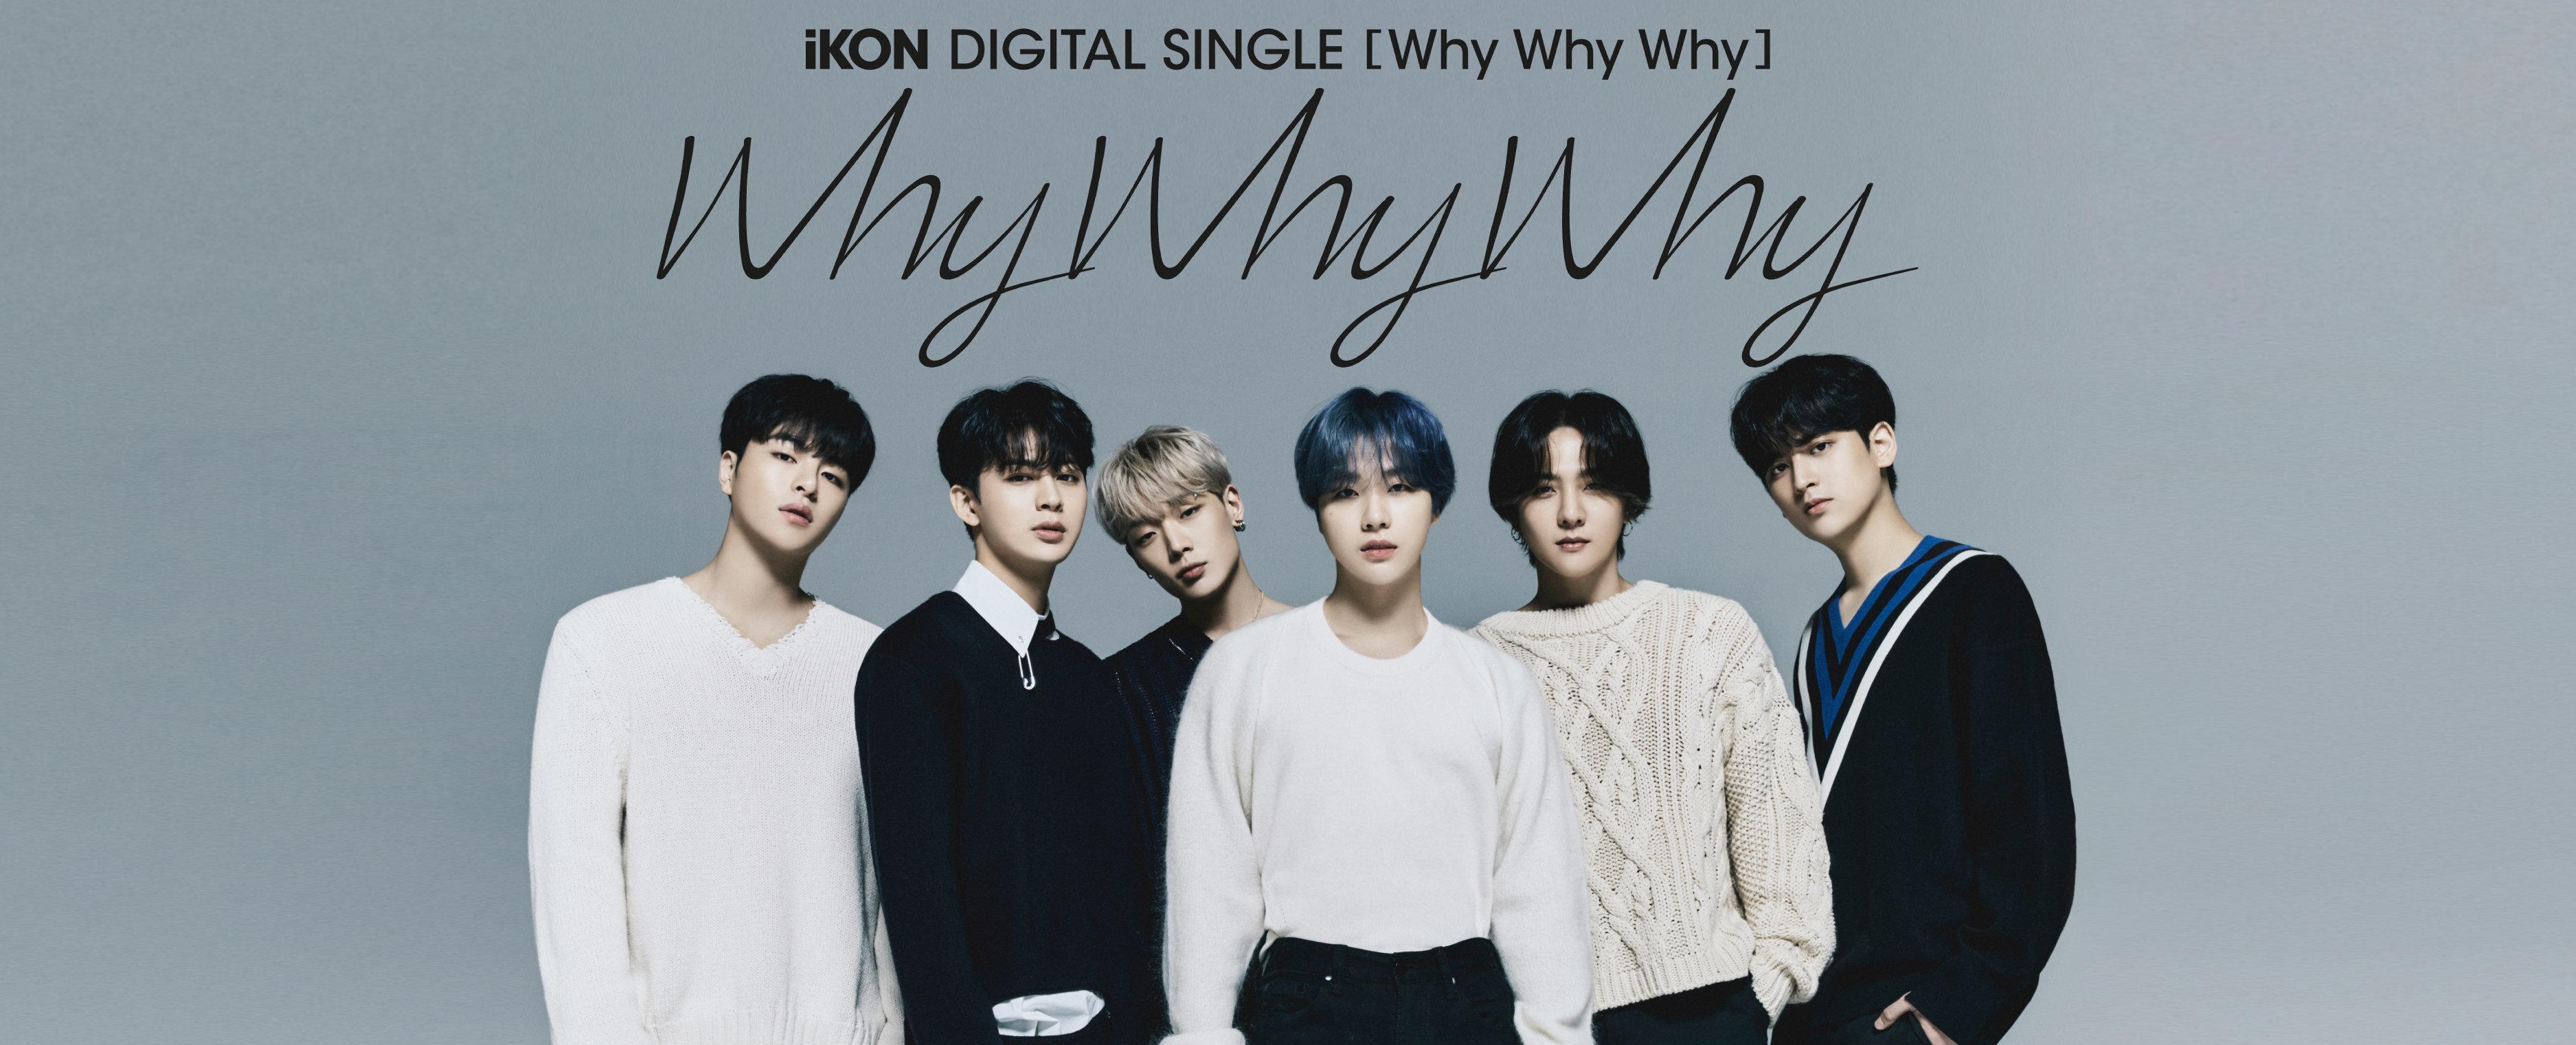 iKON / Why Why Why